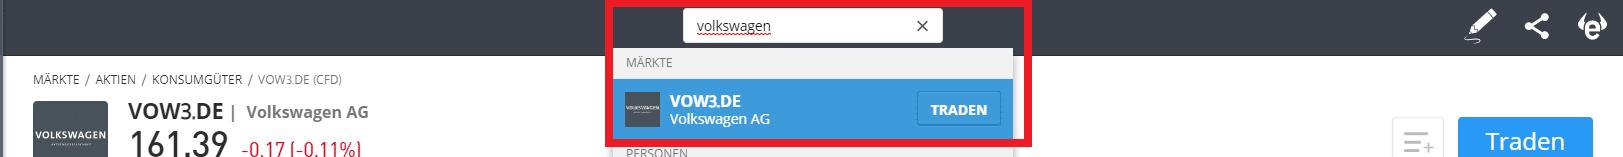 VW-Aktie-suchen